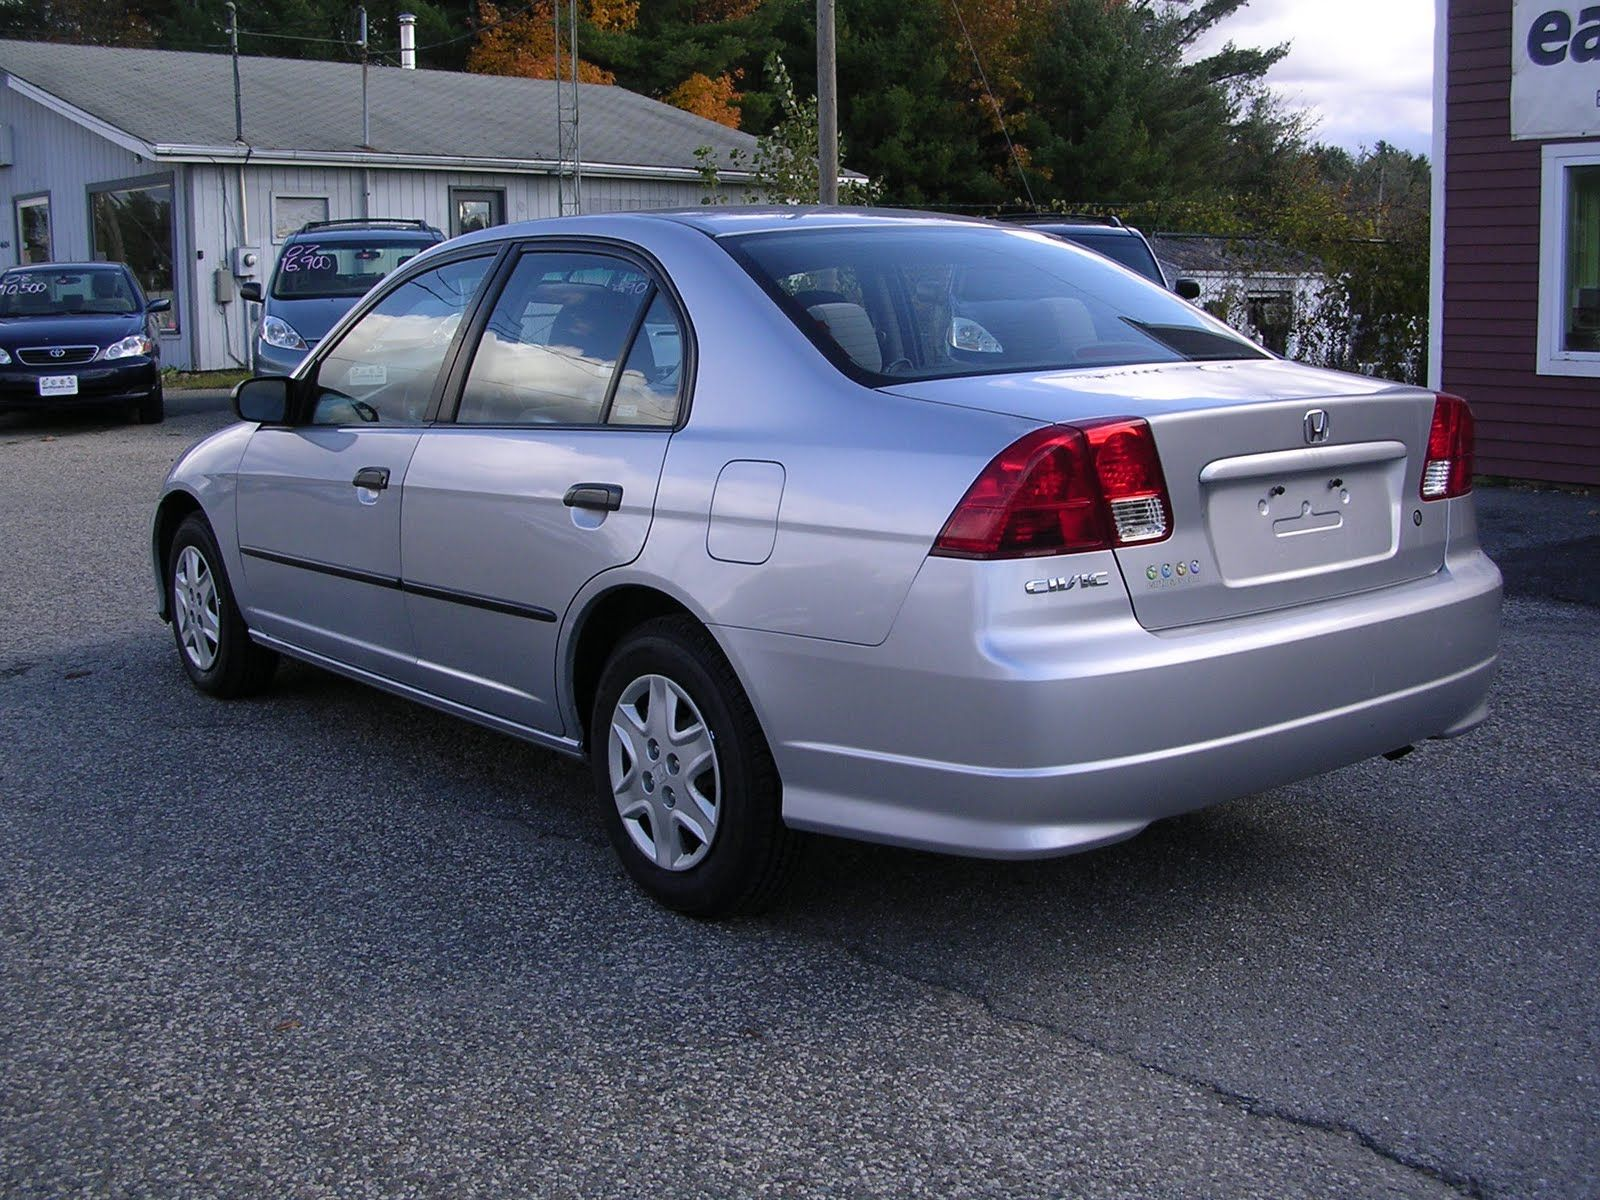 Kelebihan Kekurangan Honda Civic 2004 Review